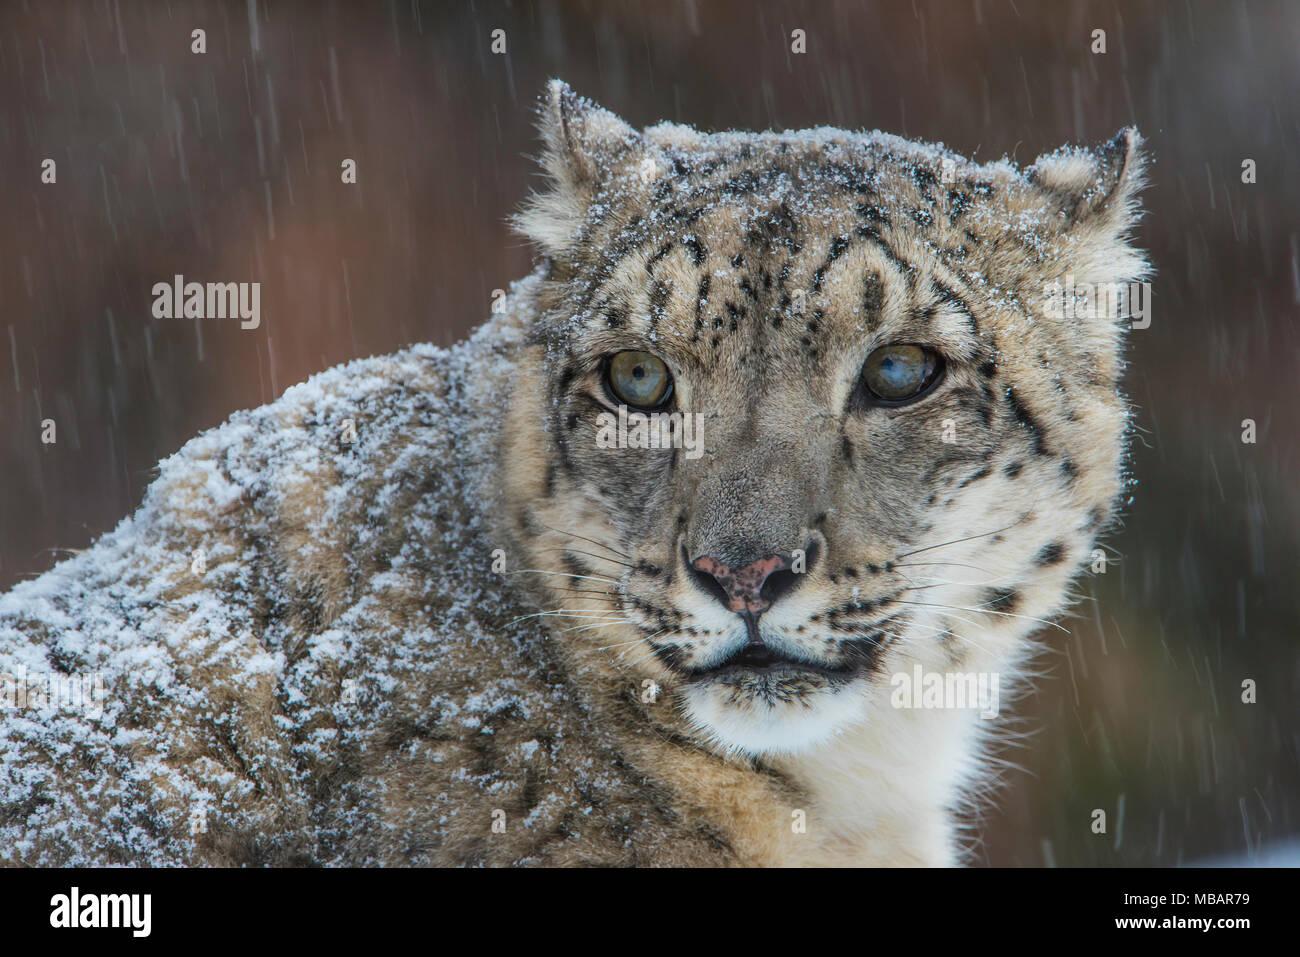 Snow Leopard (Panthera uncia), inverno, Central & Asia del Sud, girato in condizioni controllate, da Bruce Montagne/Dembinsky Foto Assoc Immagini Stock